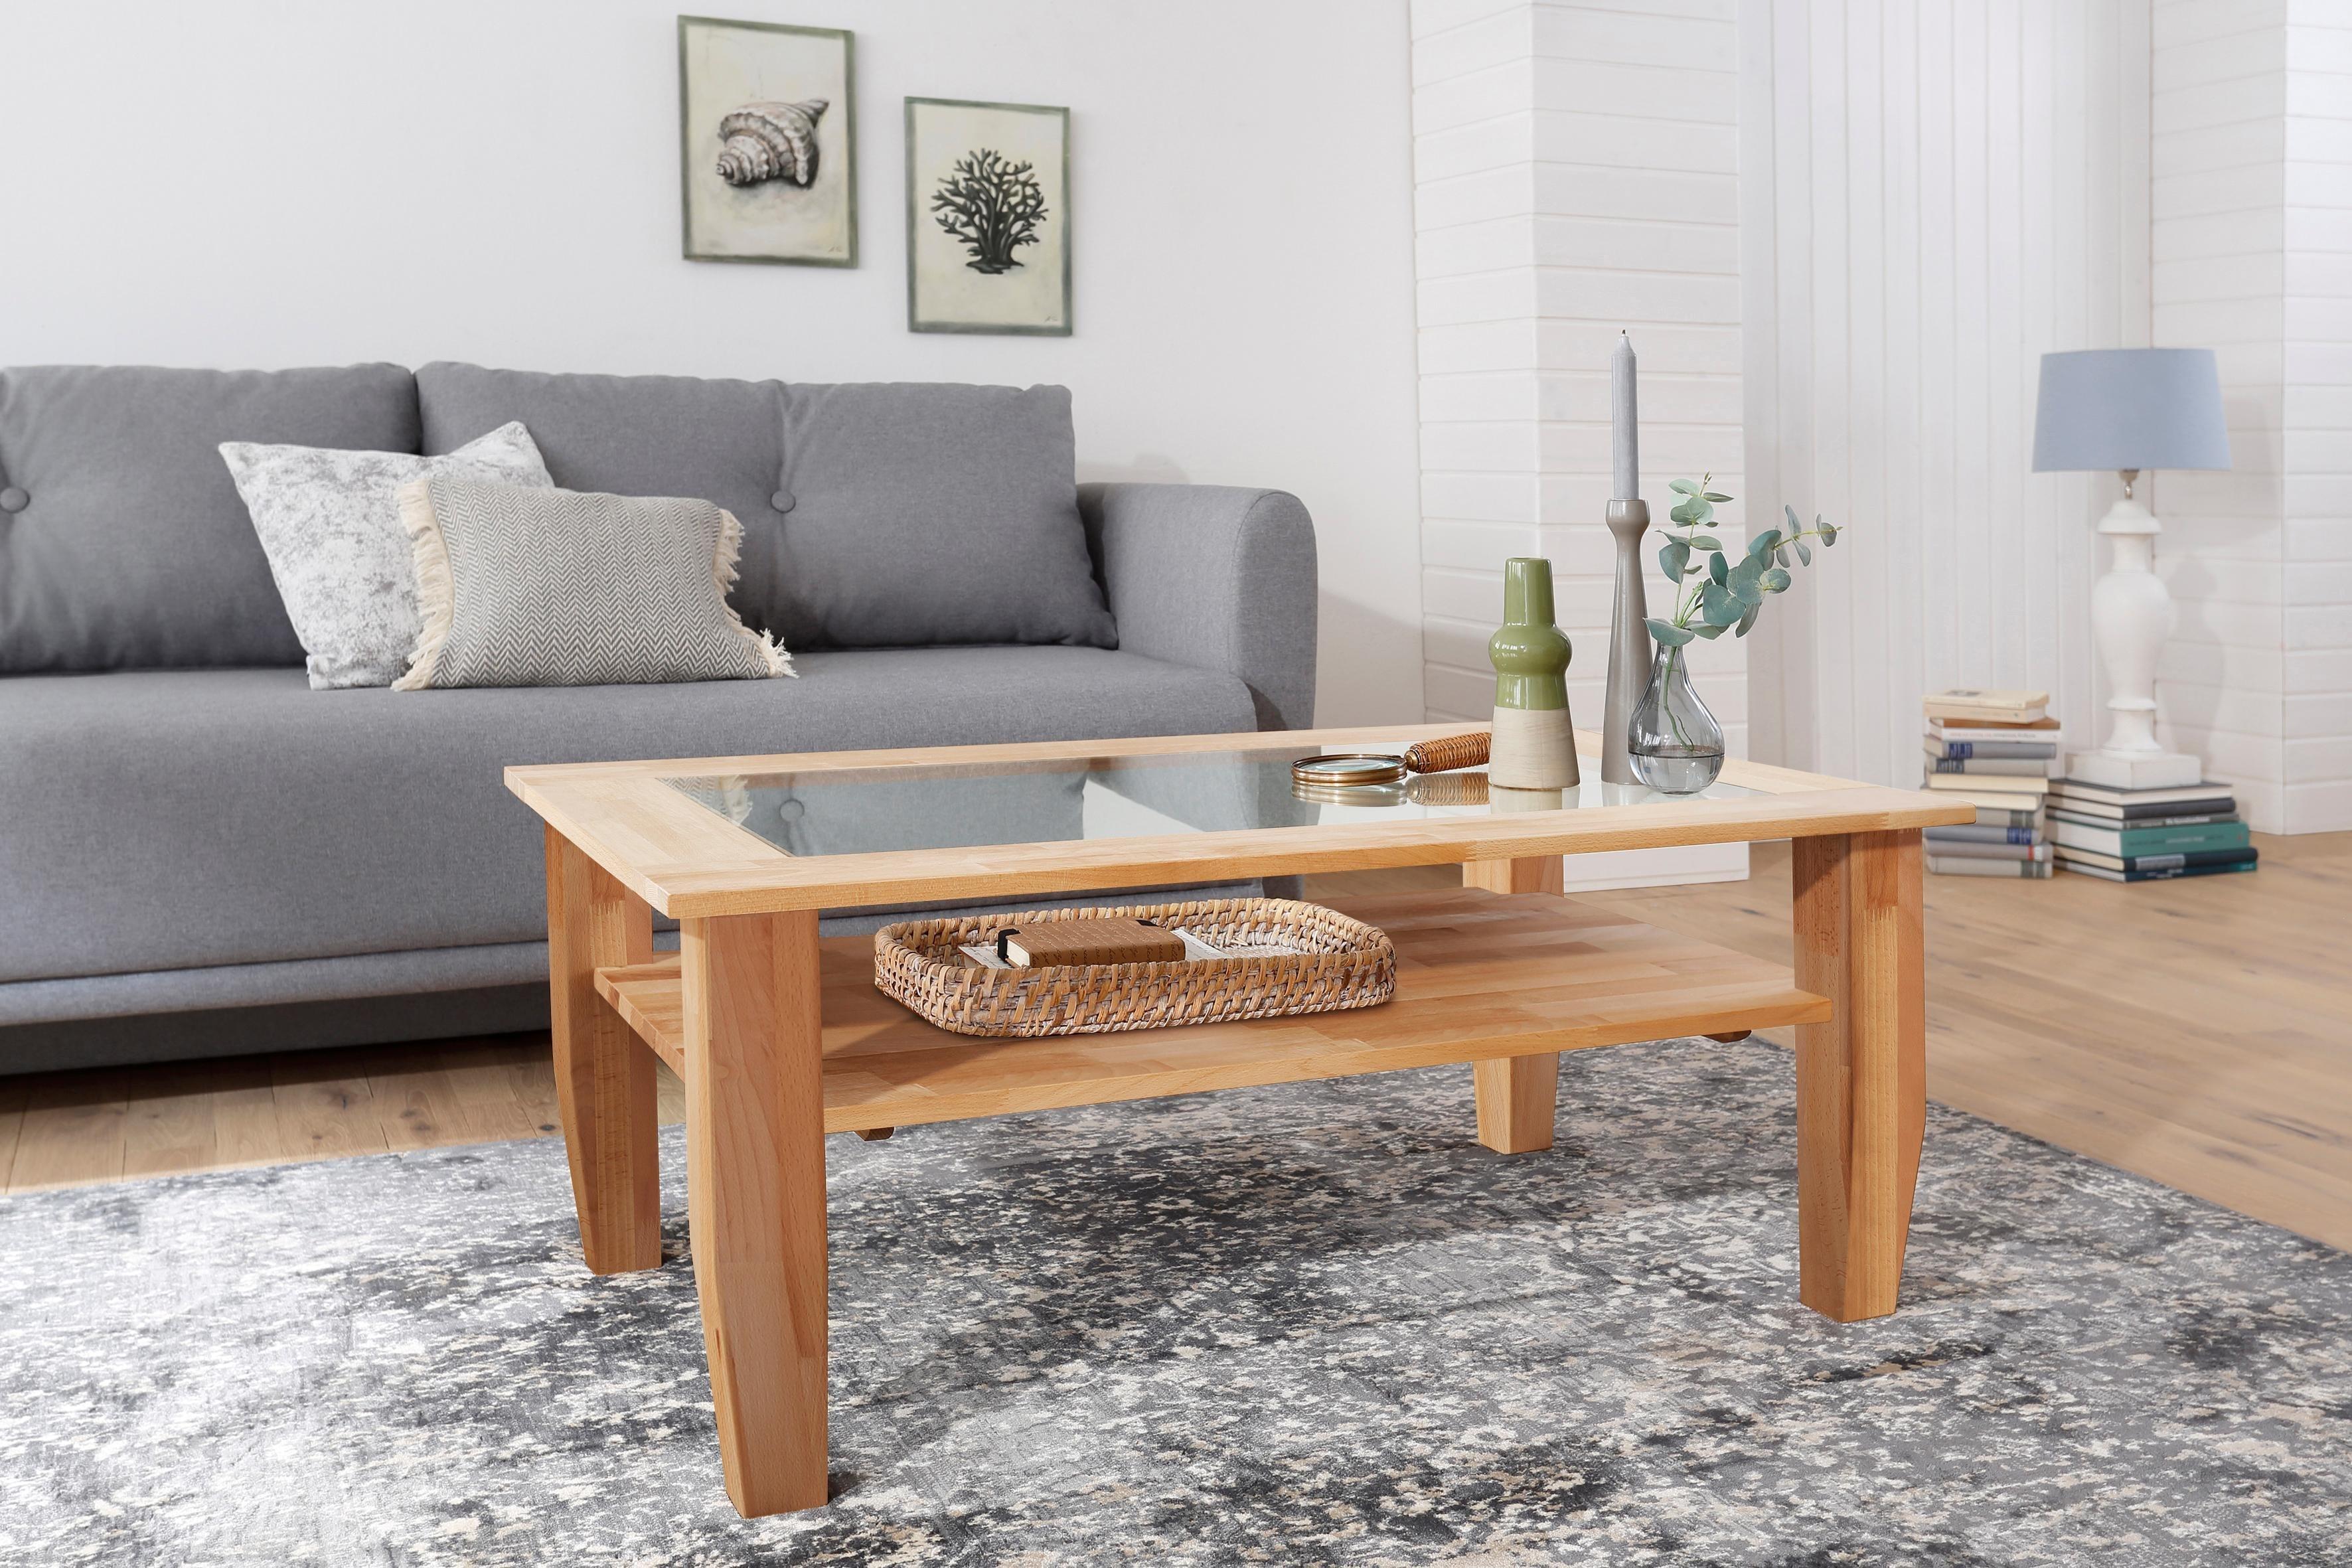 28 sparen home affaire couchtisch sevilla nur 179 99 cherry m bel otto. Black Bedroom Furniture Sets. Home Design Ideas